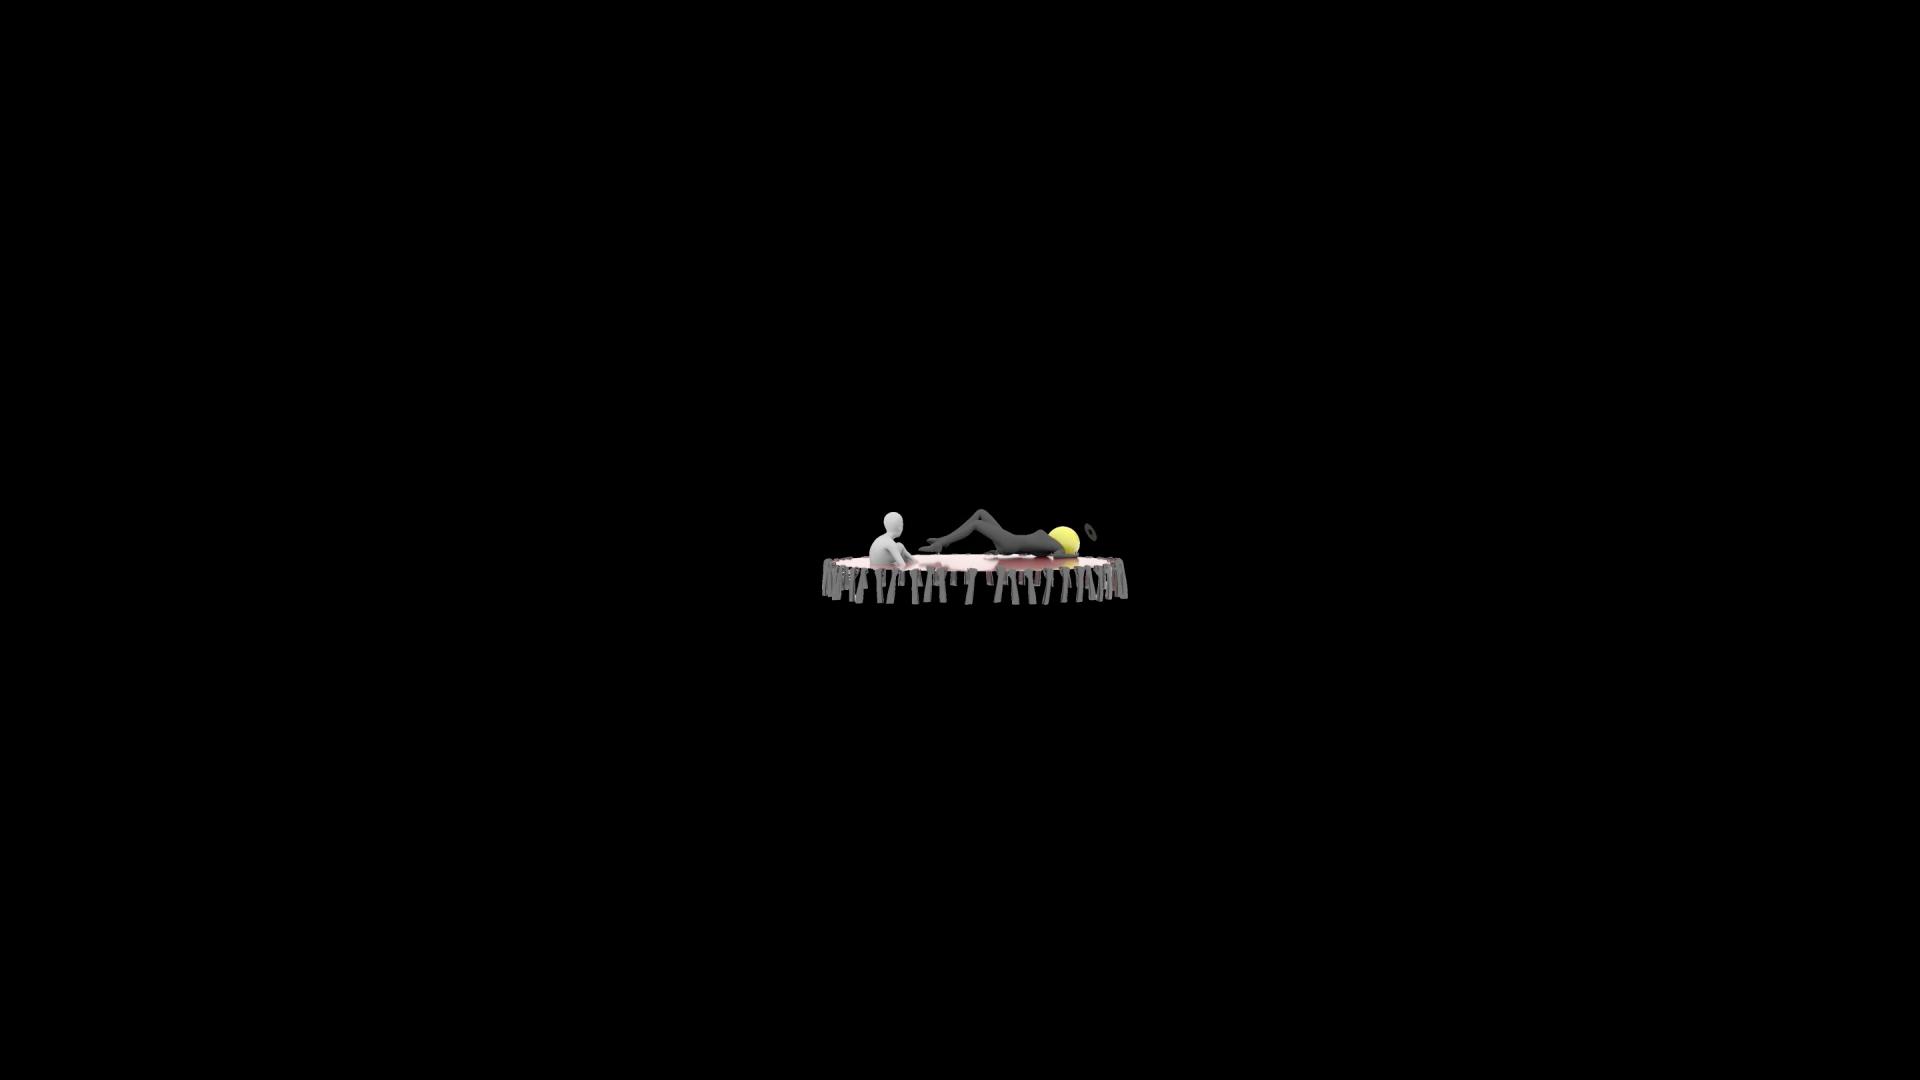 Screen Shot 2019-03-15 at 2.03.54 PM.png